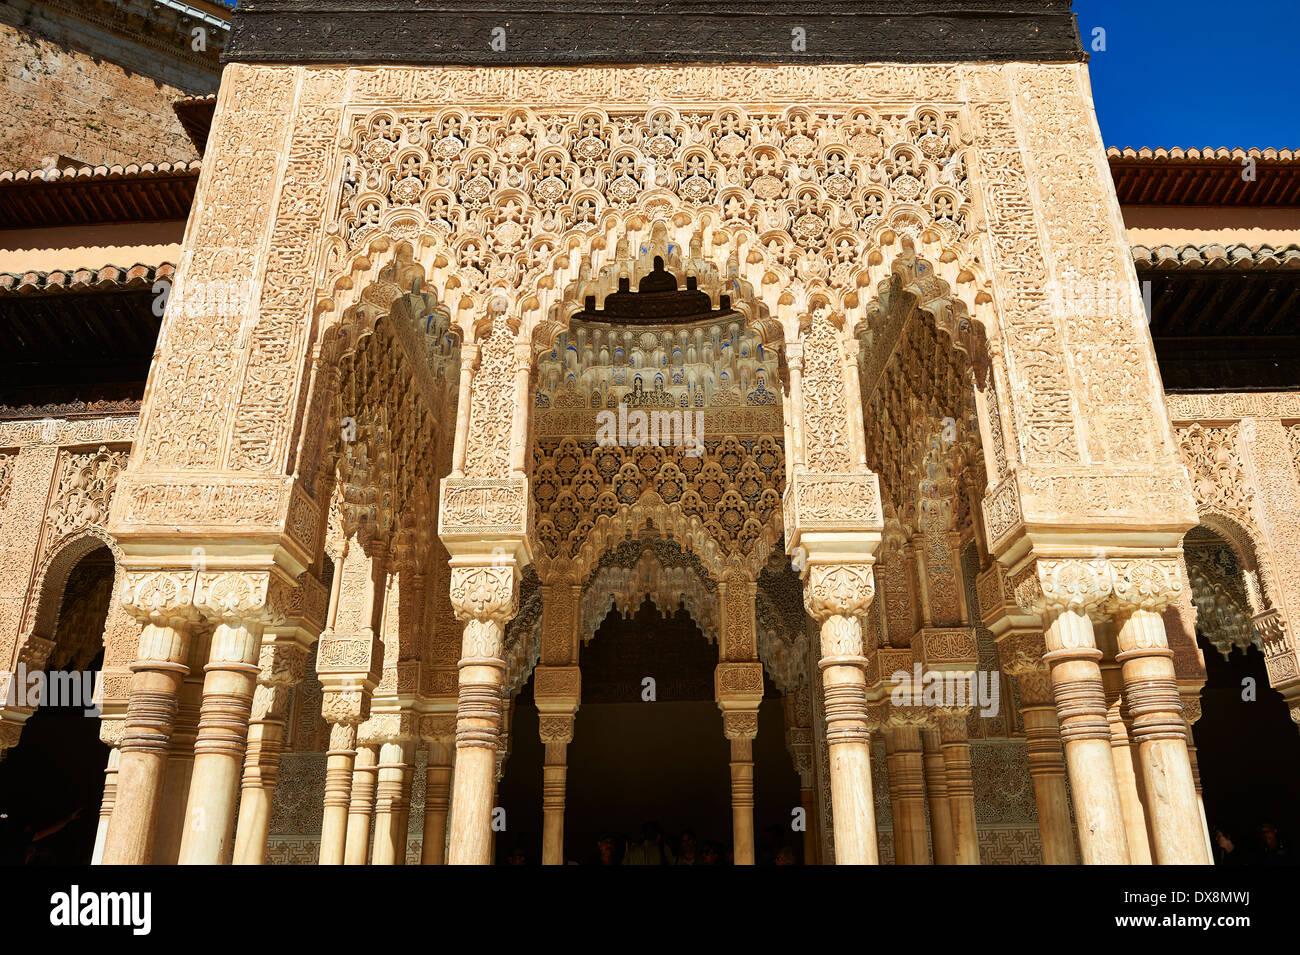 Arabesco mocarabe nazarí arquitectura morisca de la Corte de los leones de los Palacios Nazaries, Alhambra. Imagen De Stock